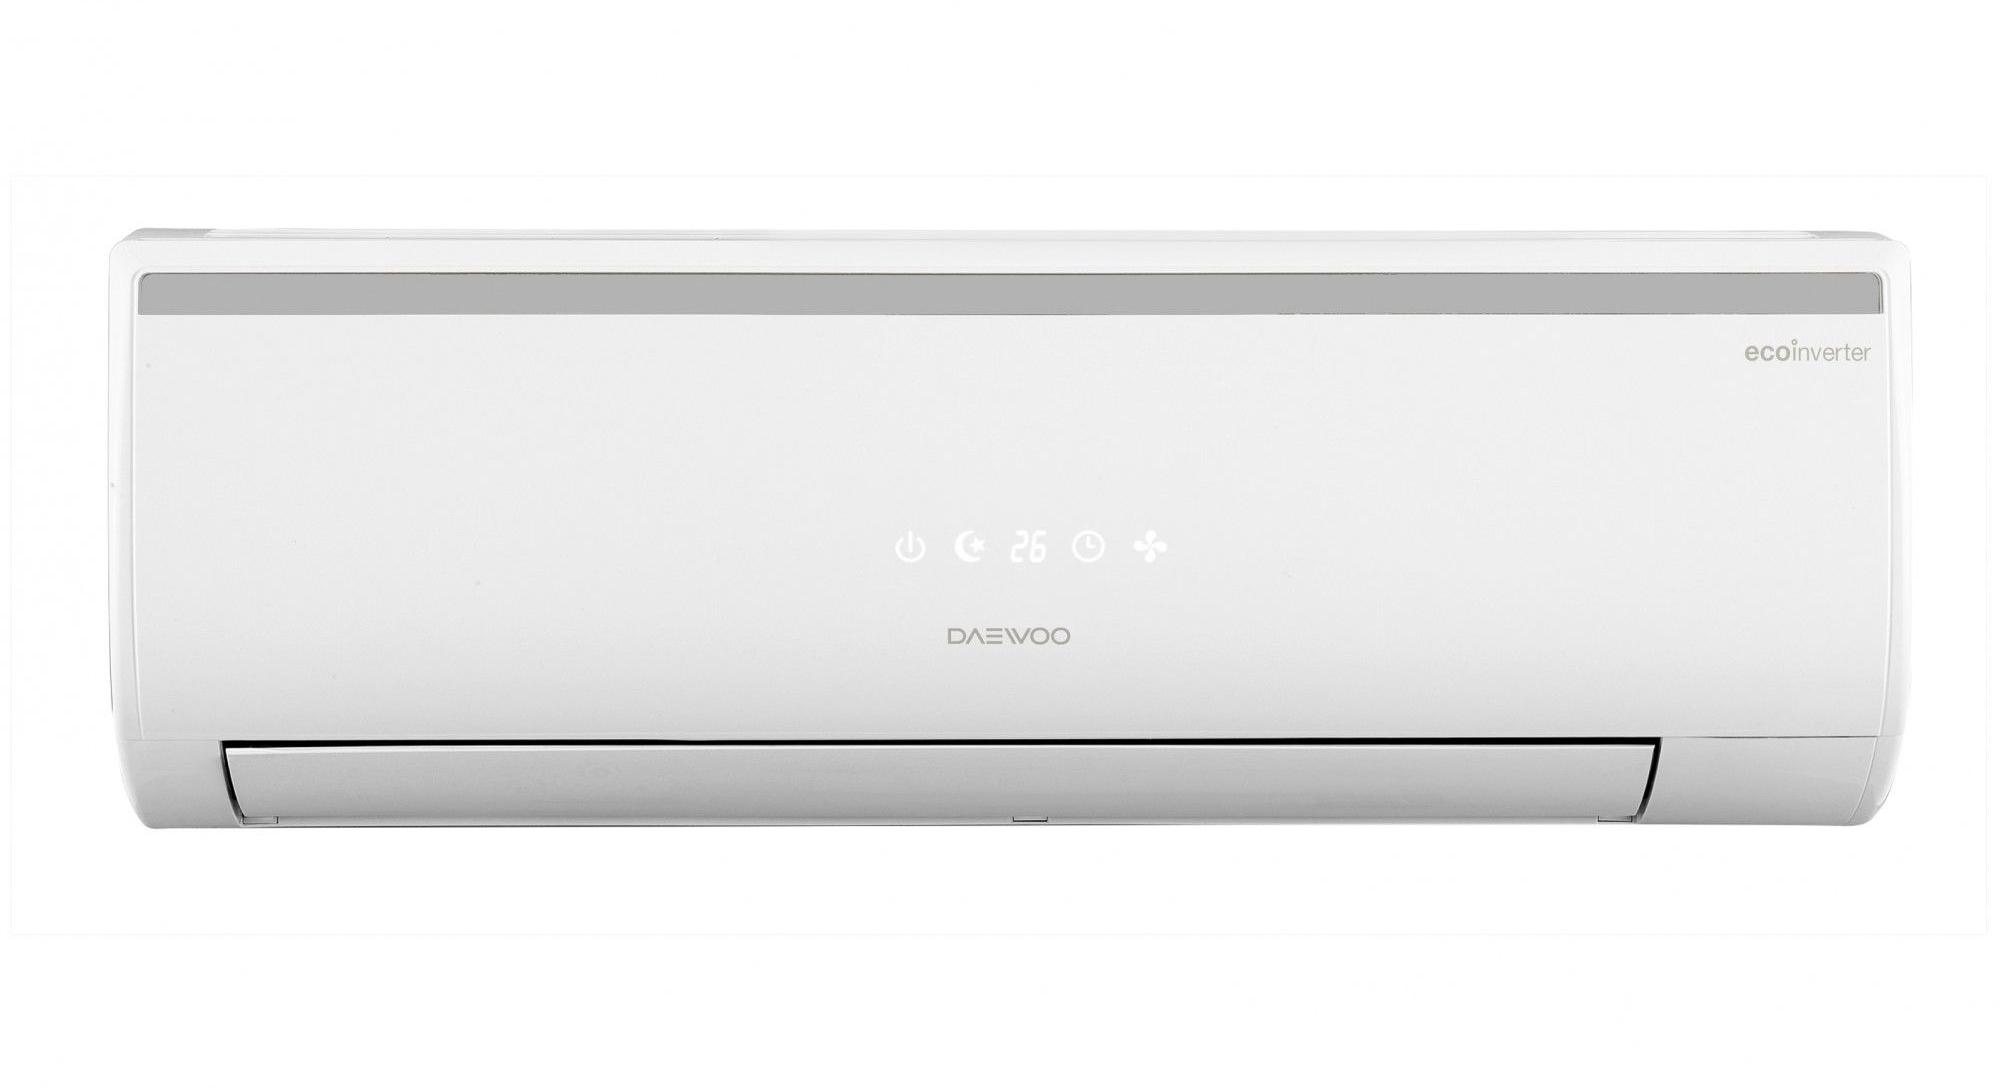 Климатик Daewoo DSB-F1281ELH-VK, Инверторен, 12000 BTU, Клас A++, Функция Turbo, Auto Restart, Скрит Display, Включен комплект за инсталиране, 3 м, Бял